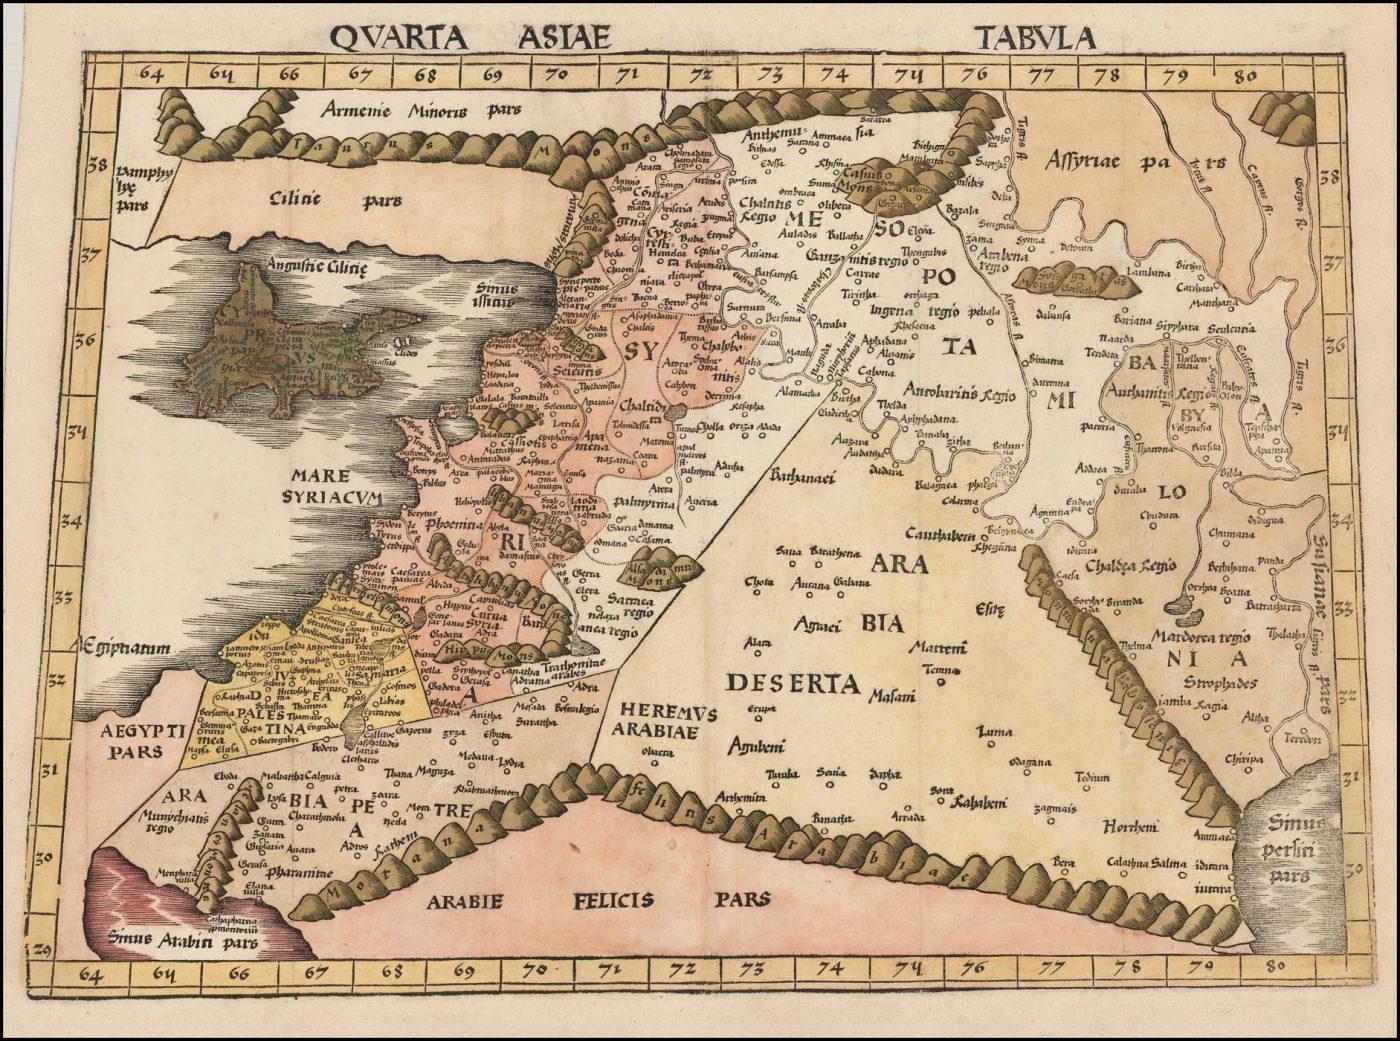 Карта Святой Земли Птолемея, Леванта и Месопотамии, напечатанная в Страсбурге в 1513 году Мартином Вальдзимюллером